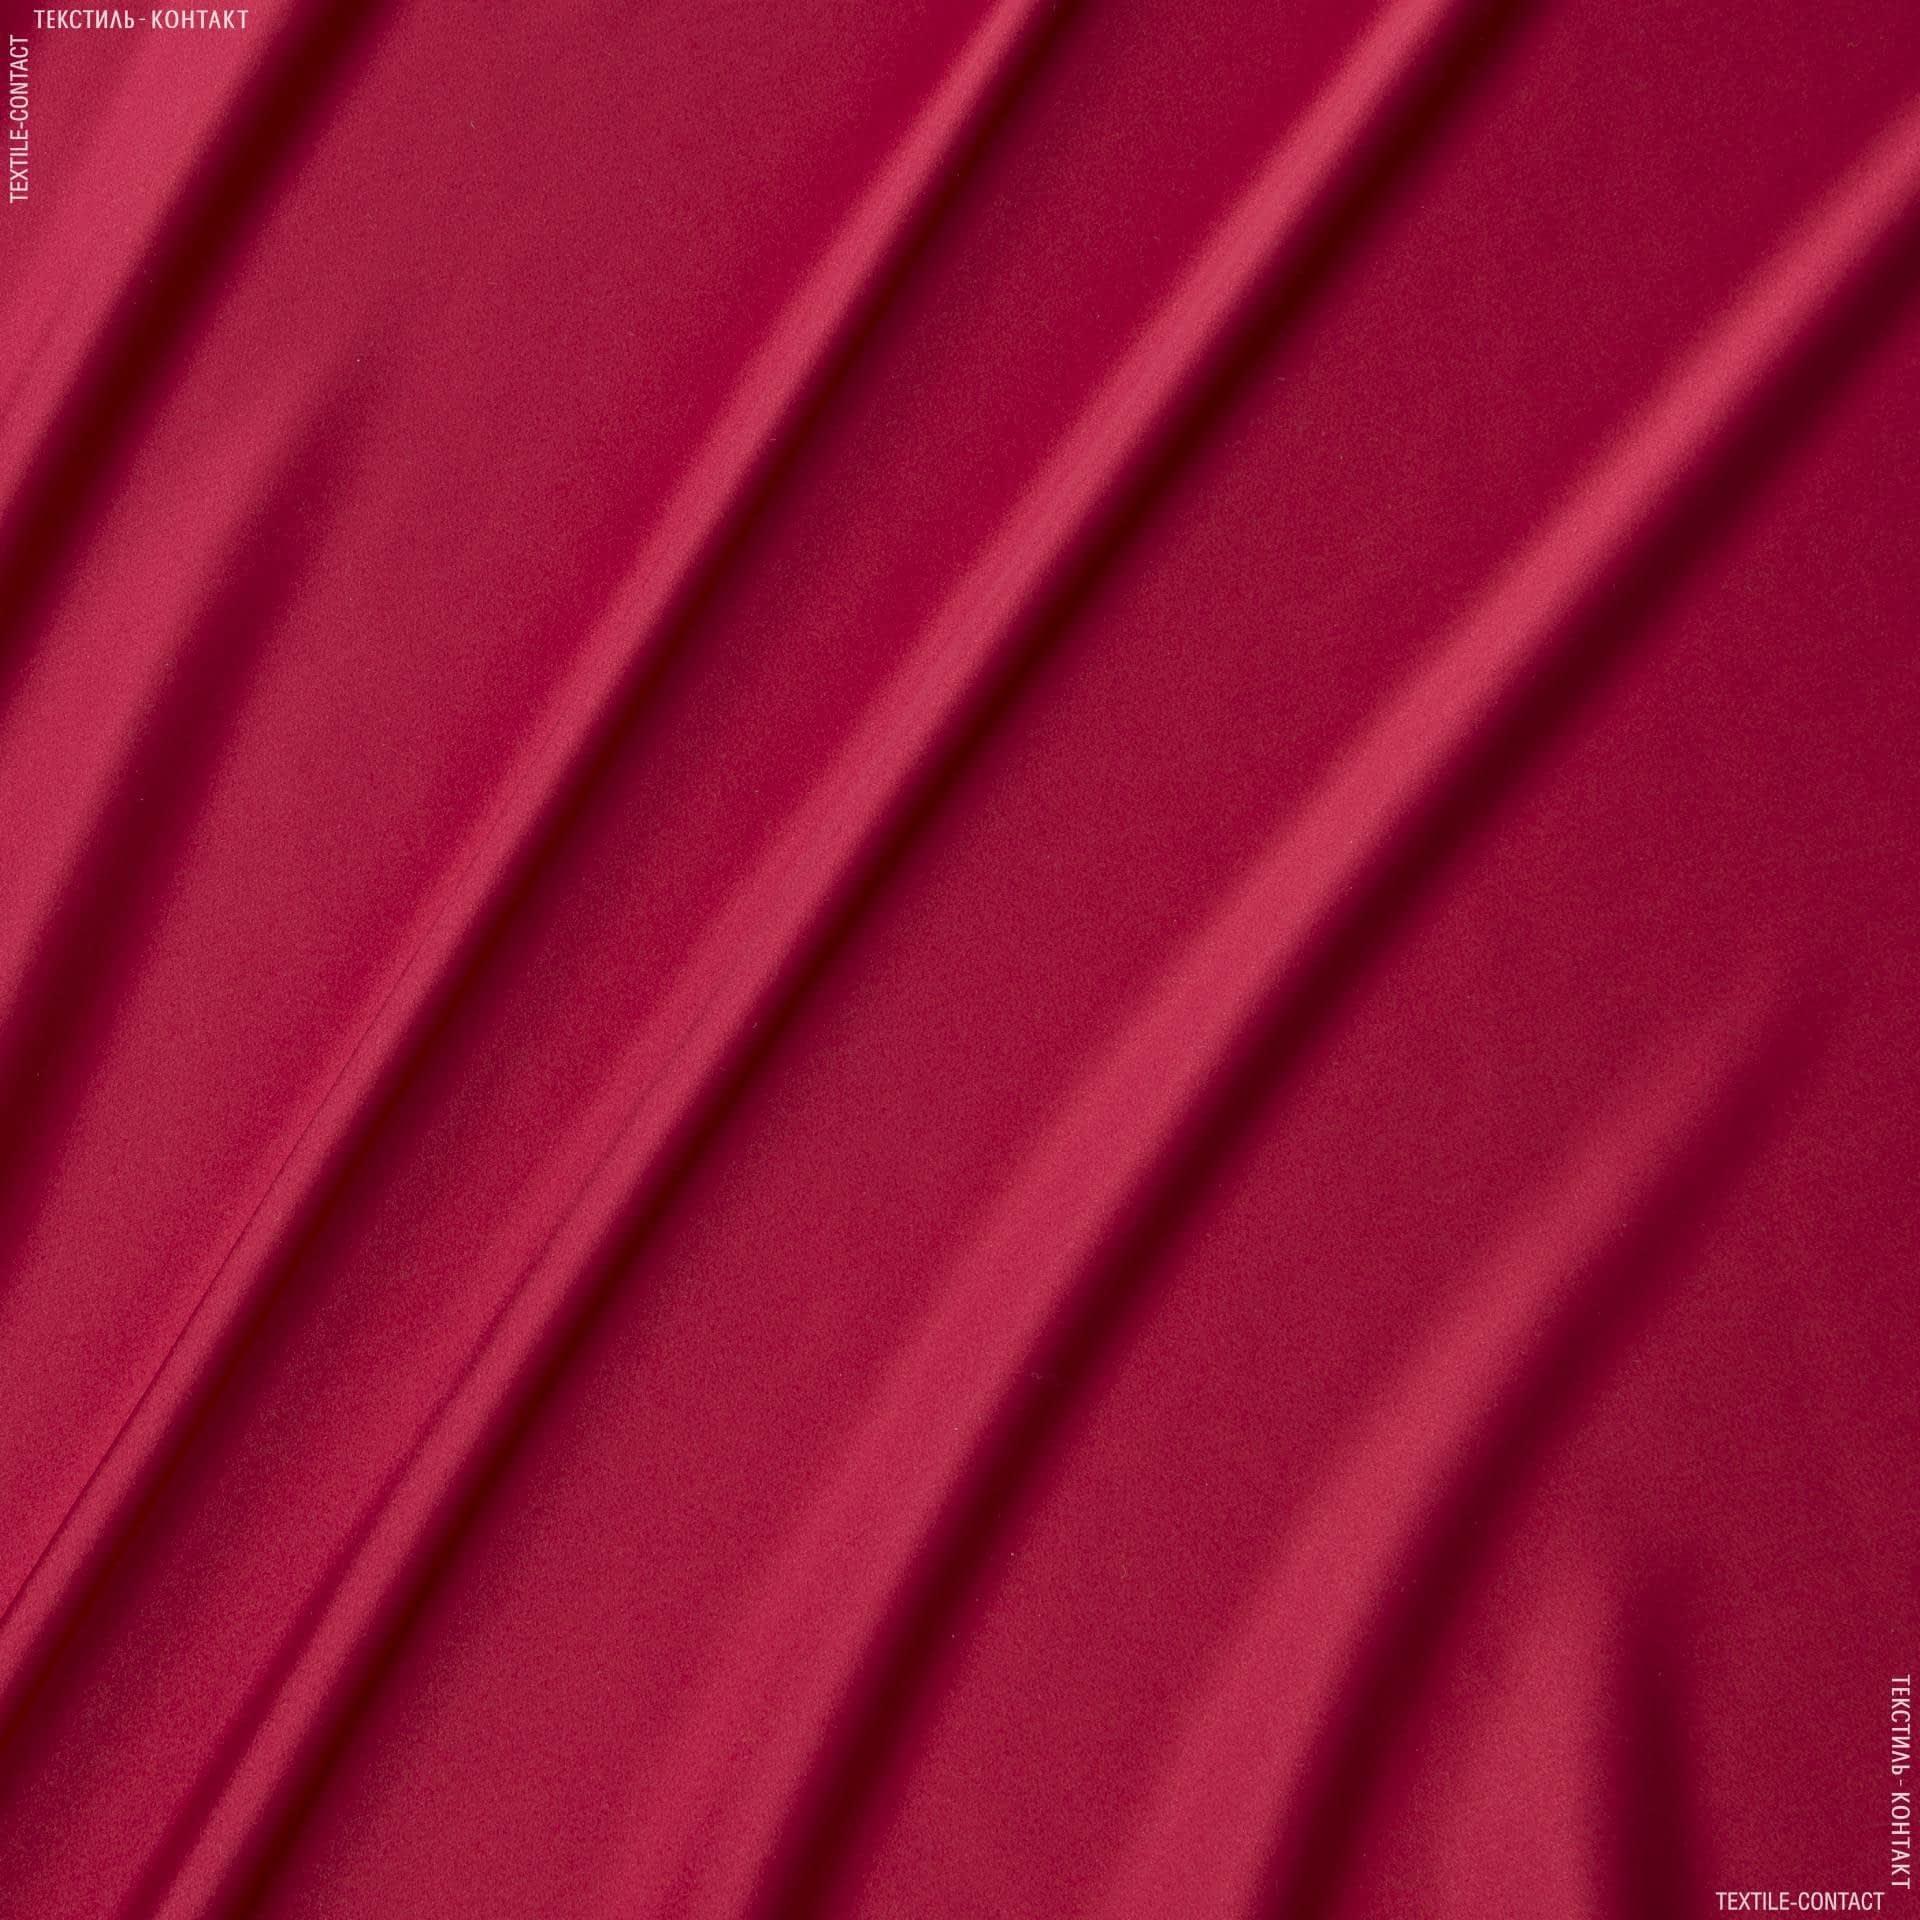 Ткани для белья - Атлас шелк натуральный  стрейч красный